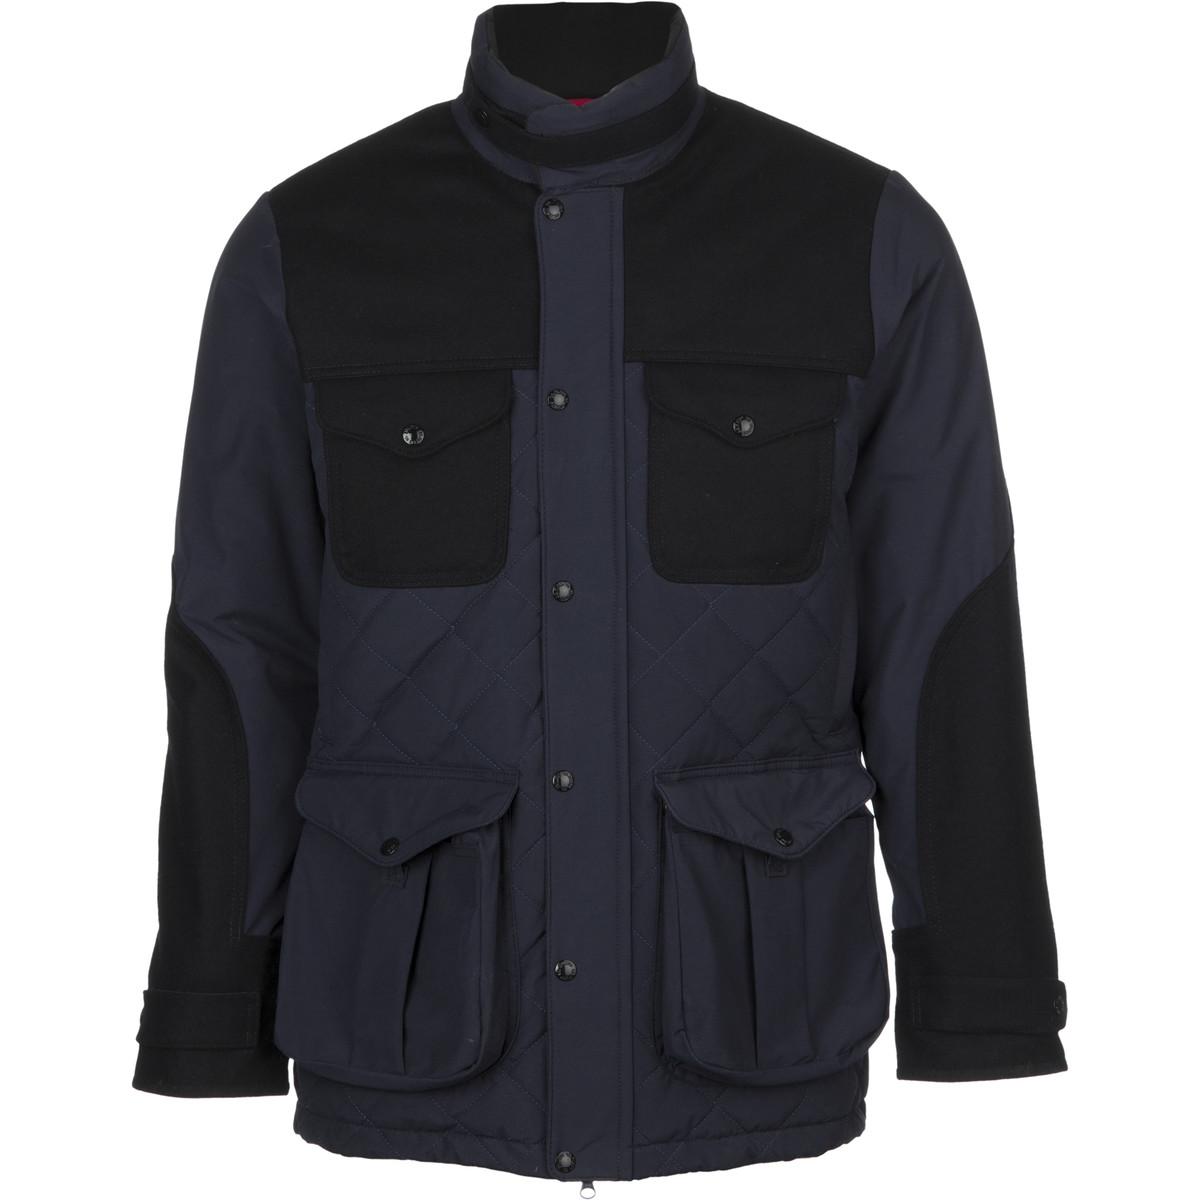 Filson Down Cruiser Jacket